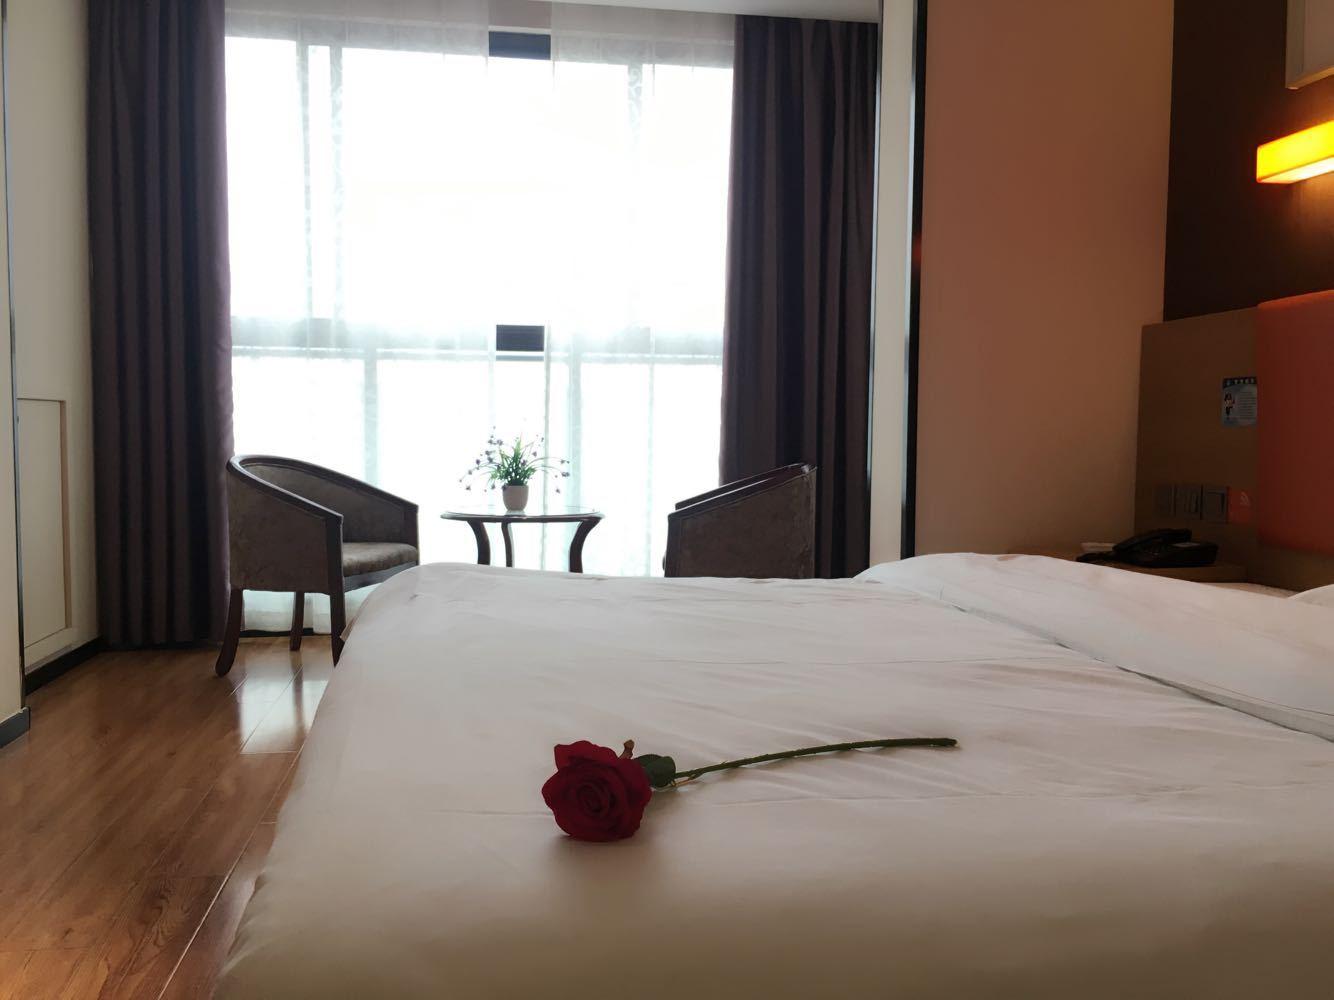 7天优品酒店(上海浦东新区航头东地铁站店)预订/团购